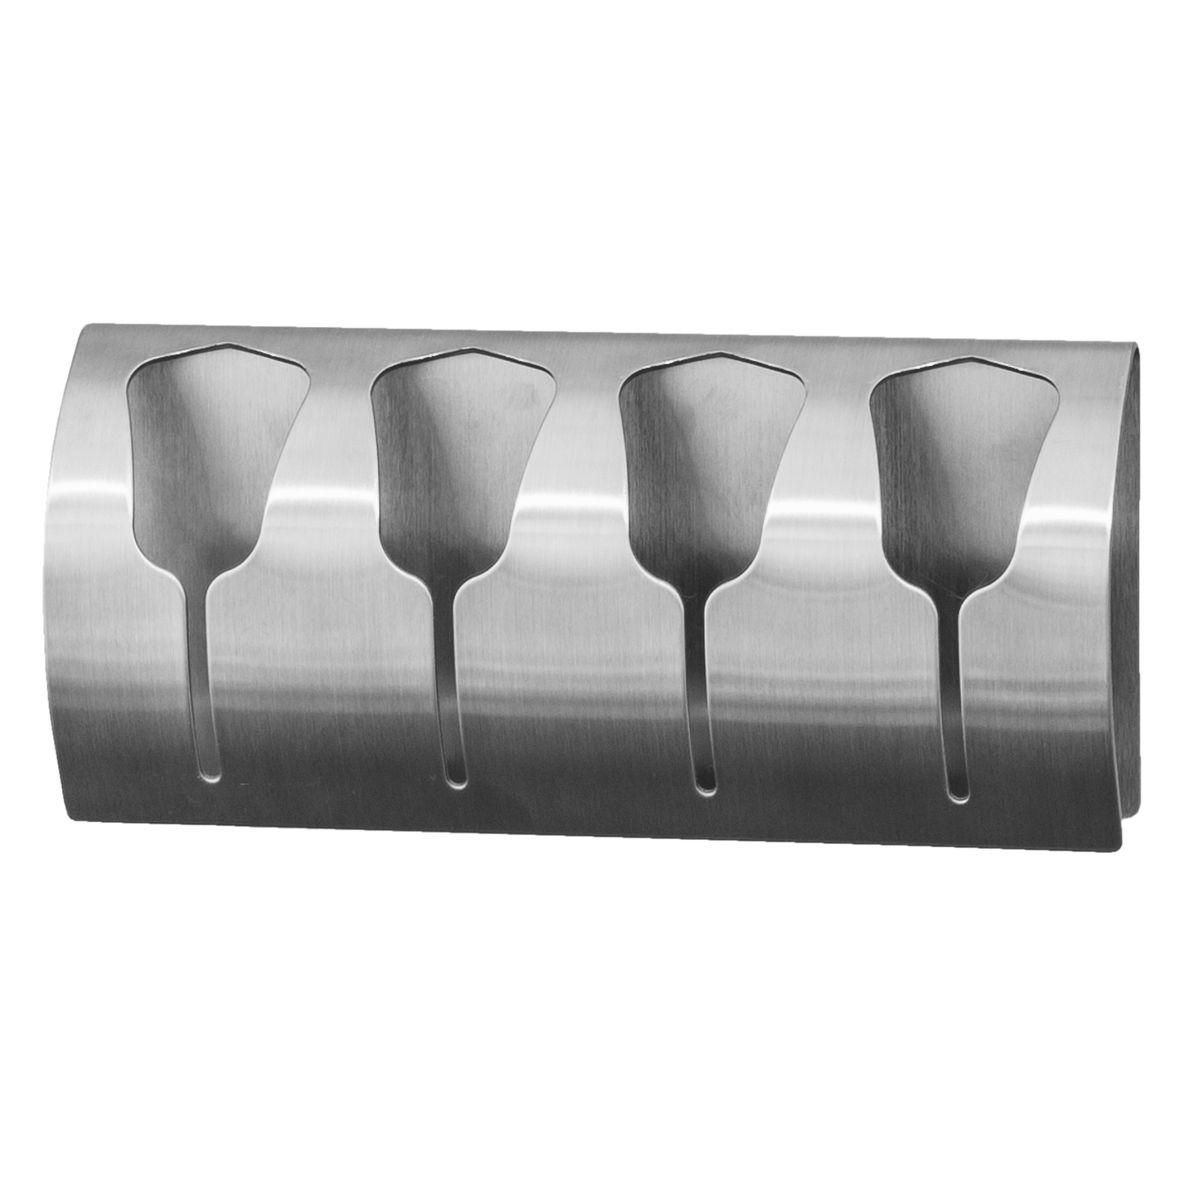 Вешалка Tatkraft Florida, самоклеющаяся, для 4 полотенец20160Tatkraft FLORIDA Самоклеющаяся вешалка для 4 полотенец из нержавеющей стали, не боится влаги, удобна в использовании. Легкая установка (инструкция на упаковке), надежный клеевой слой, выдерживает вес до 15 кг. Упаковка: блистер.